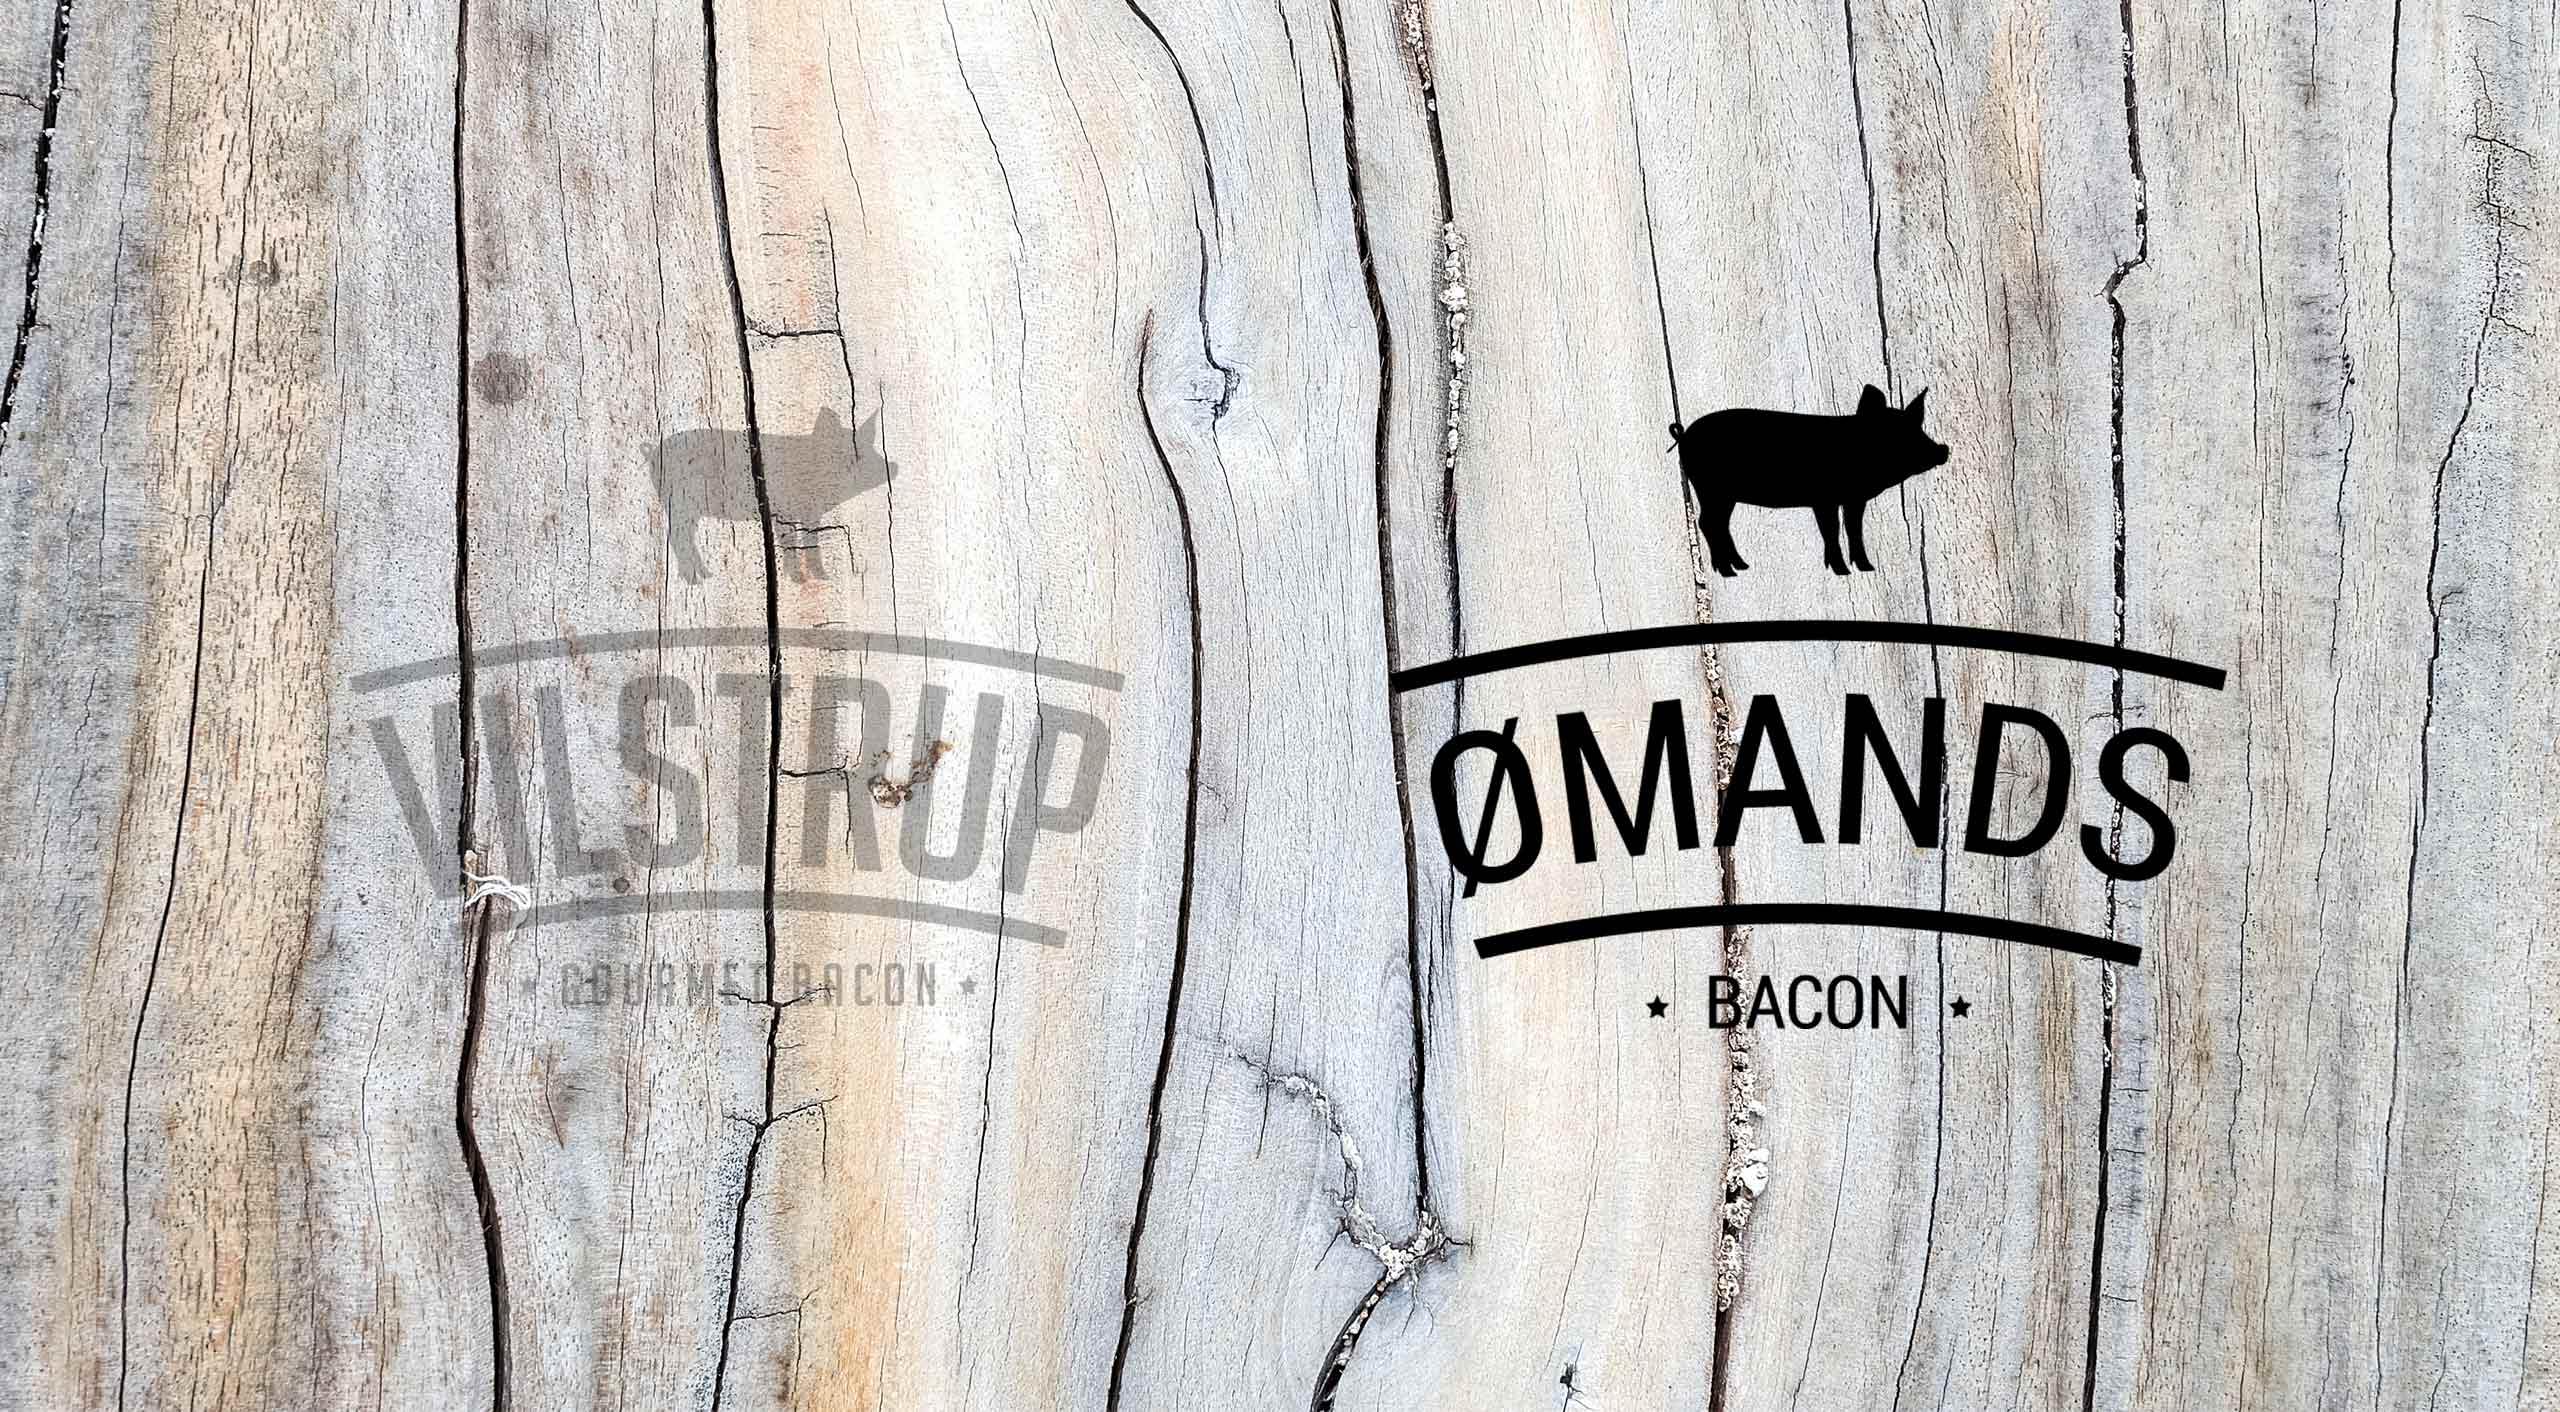 Vilstrup Bacon bliver til ØMANDS